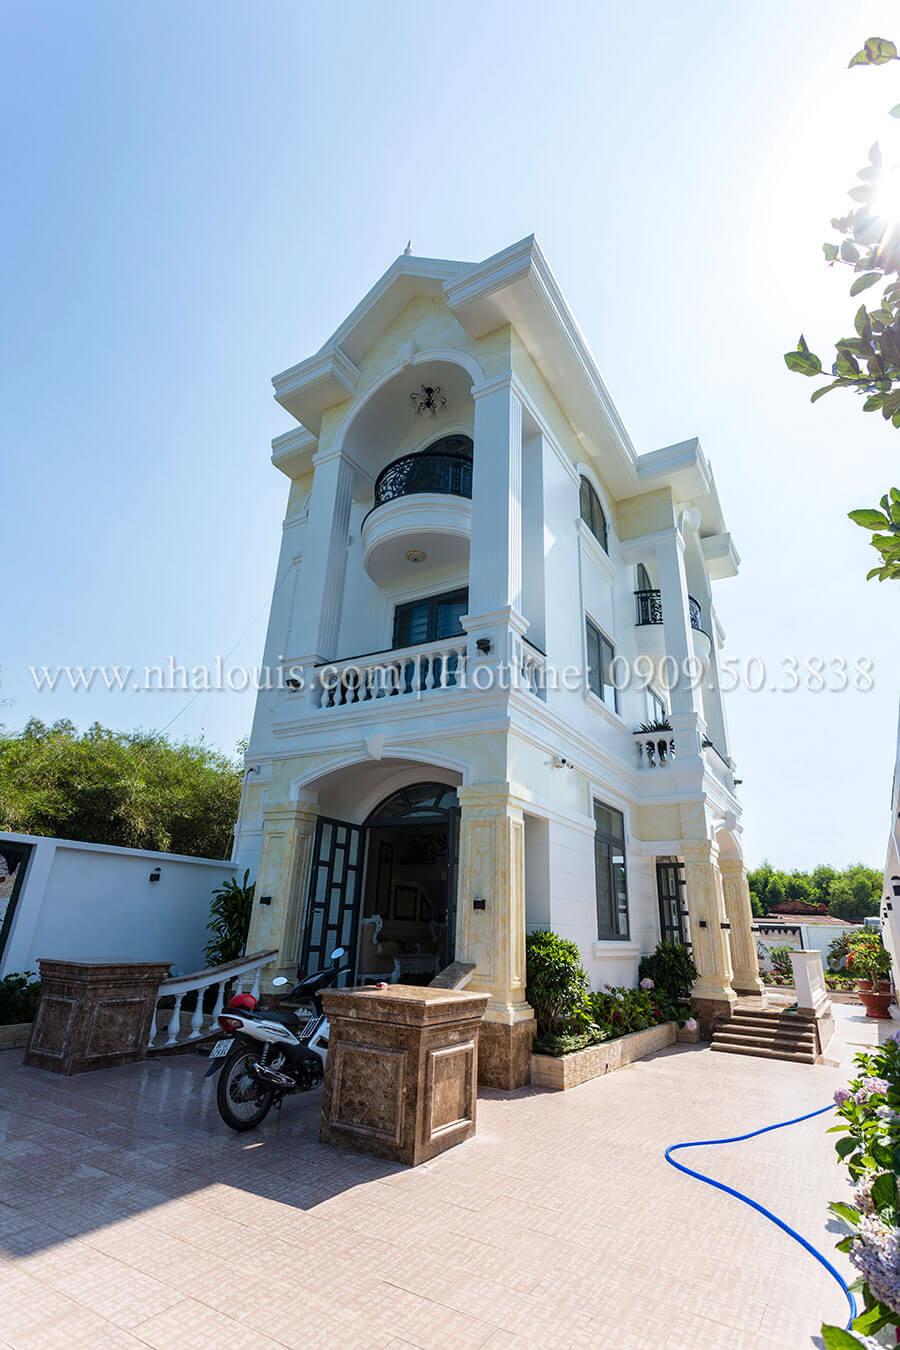 Thiết kế biệt thự 3 tầng đẹp có sân vườn ở miền quê Đồng Nai